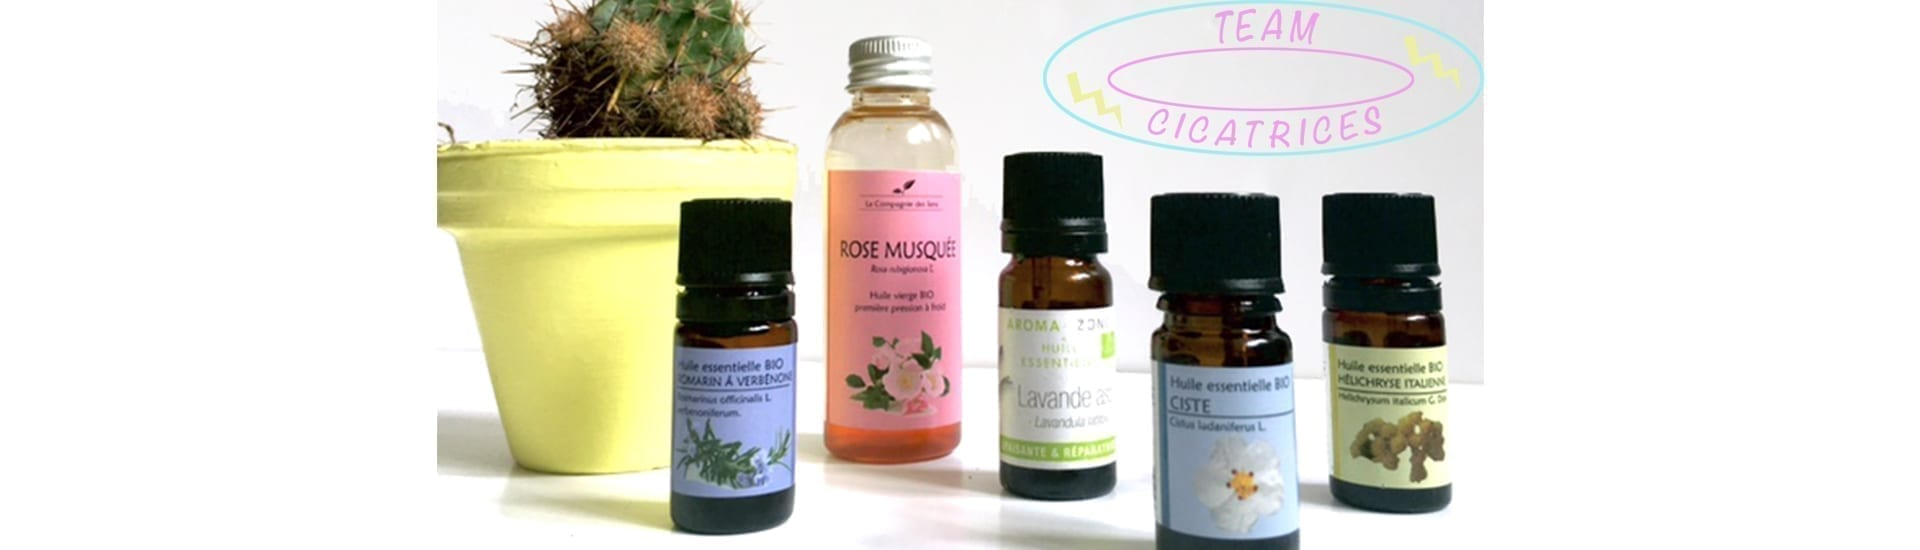 soins cicatrices aux huiles essentielles